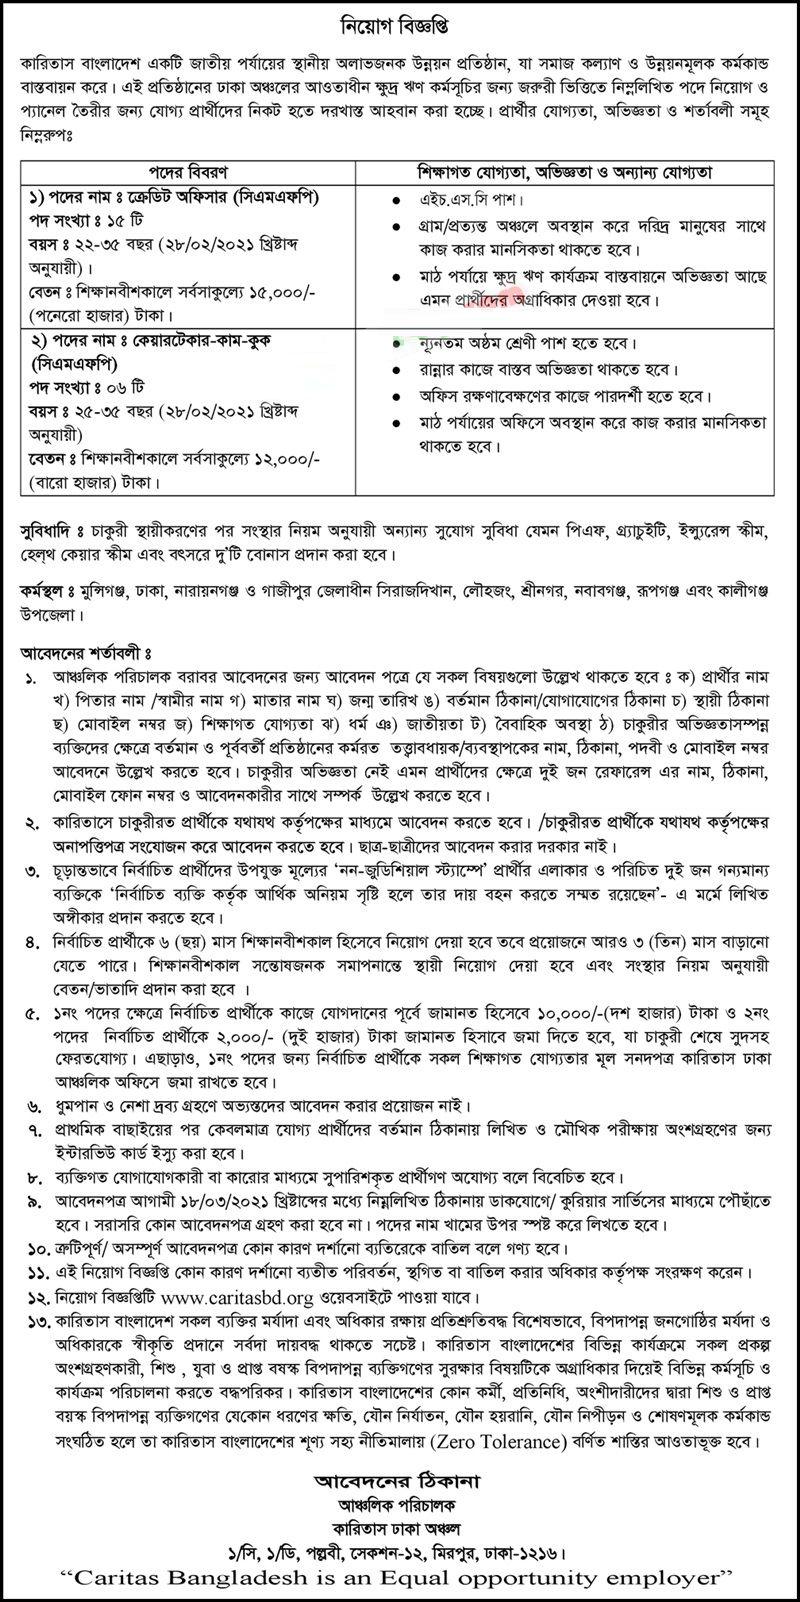 কারিতাস বাংলাদেশ নিয়োগ বিজ্ঞপ্তি ২০২১ - এনজিও জব সার্কুলার ২০২১ - Caritas Bangladesh NGO Job Circular 2021